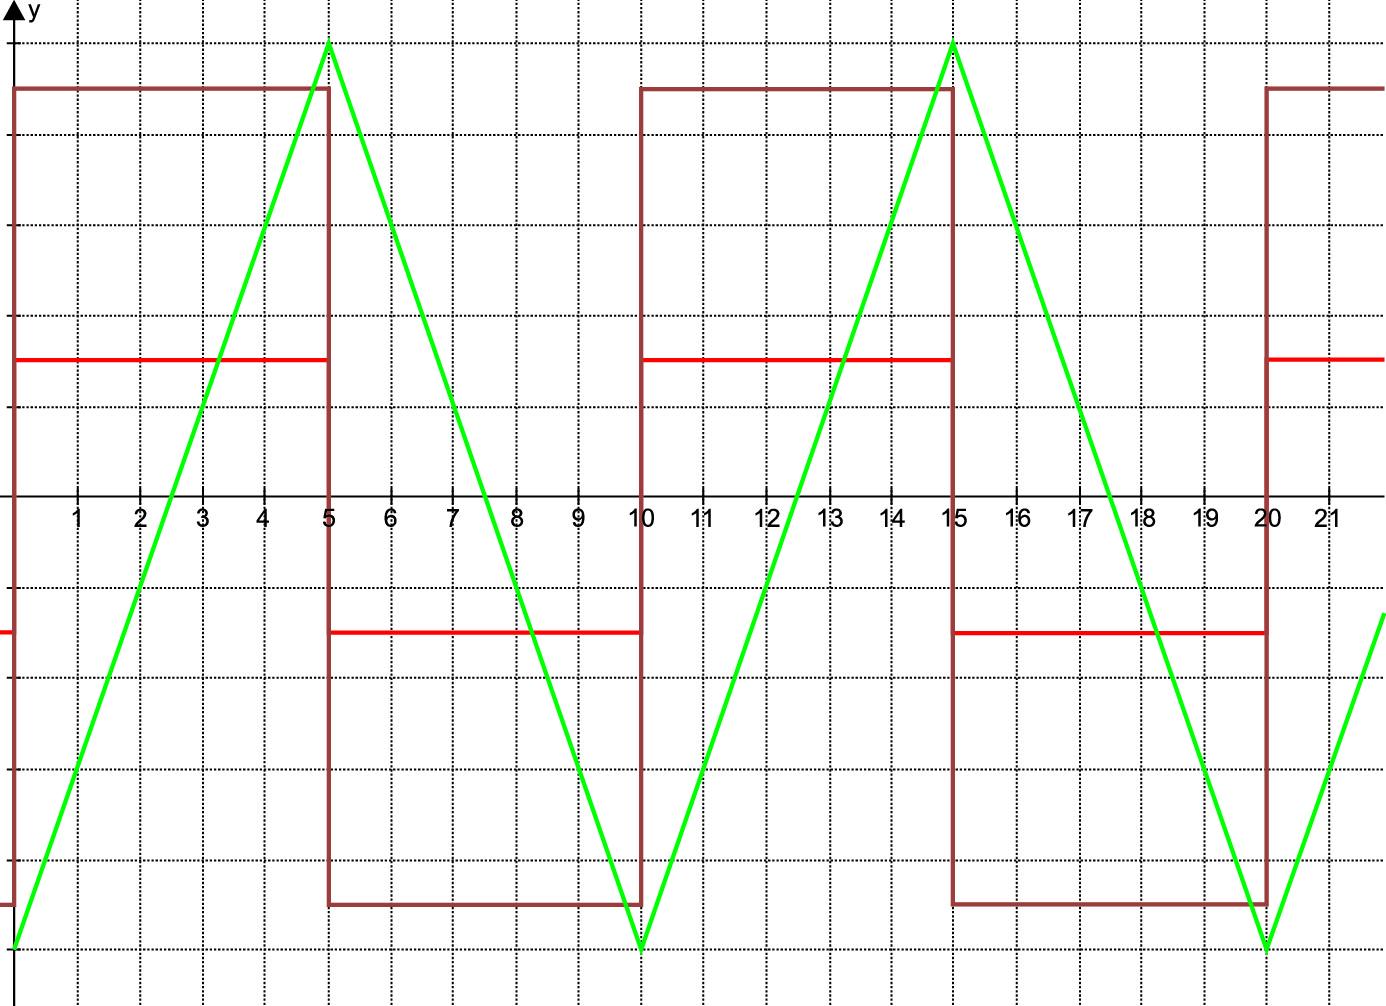 Временные диаграммы работы СКВТ с возбуждением от генератора пилообразного тока (в эксперименте соответствовали j = 18°30′)